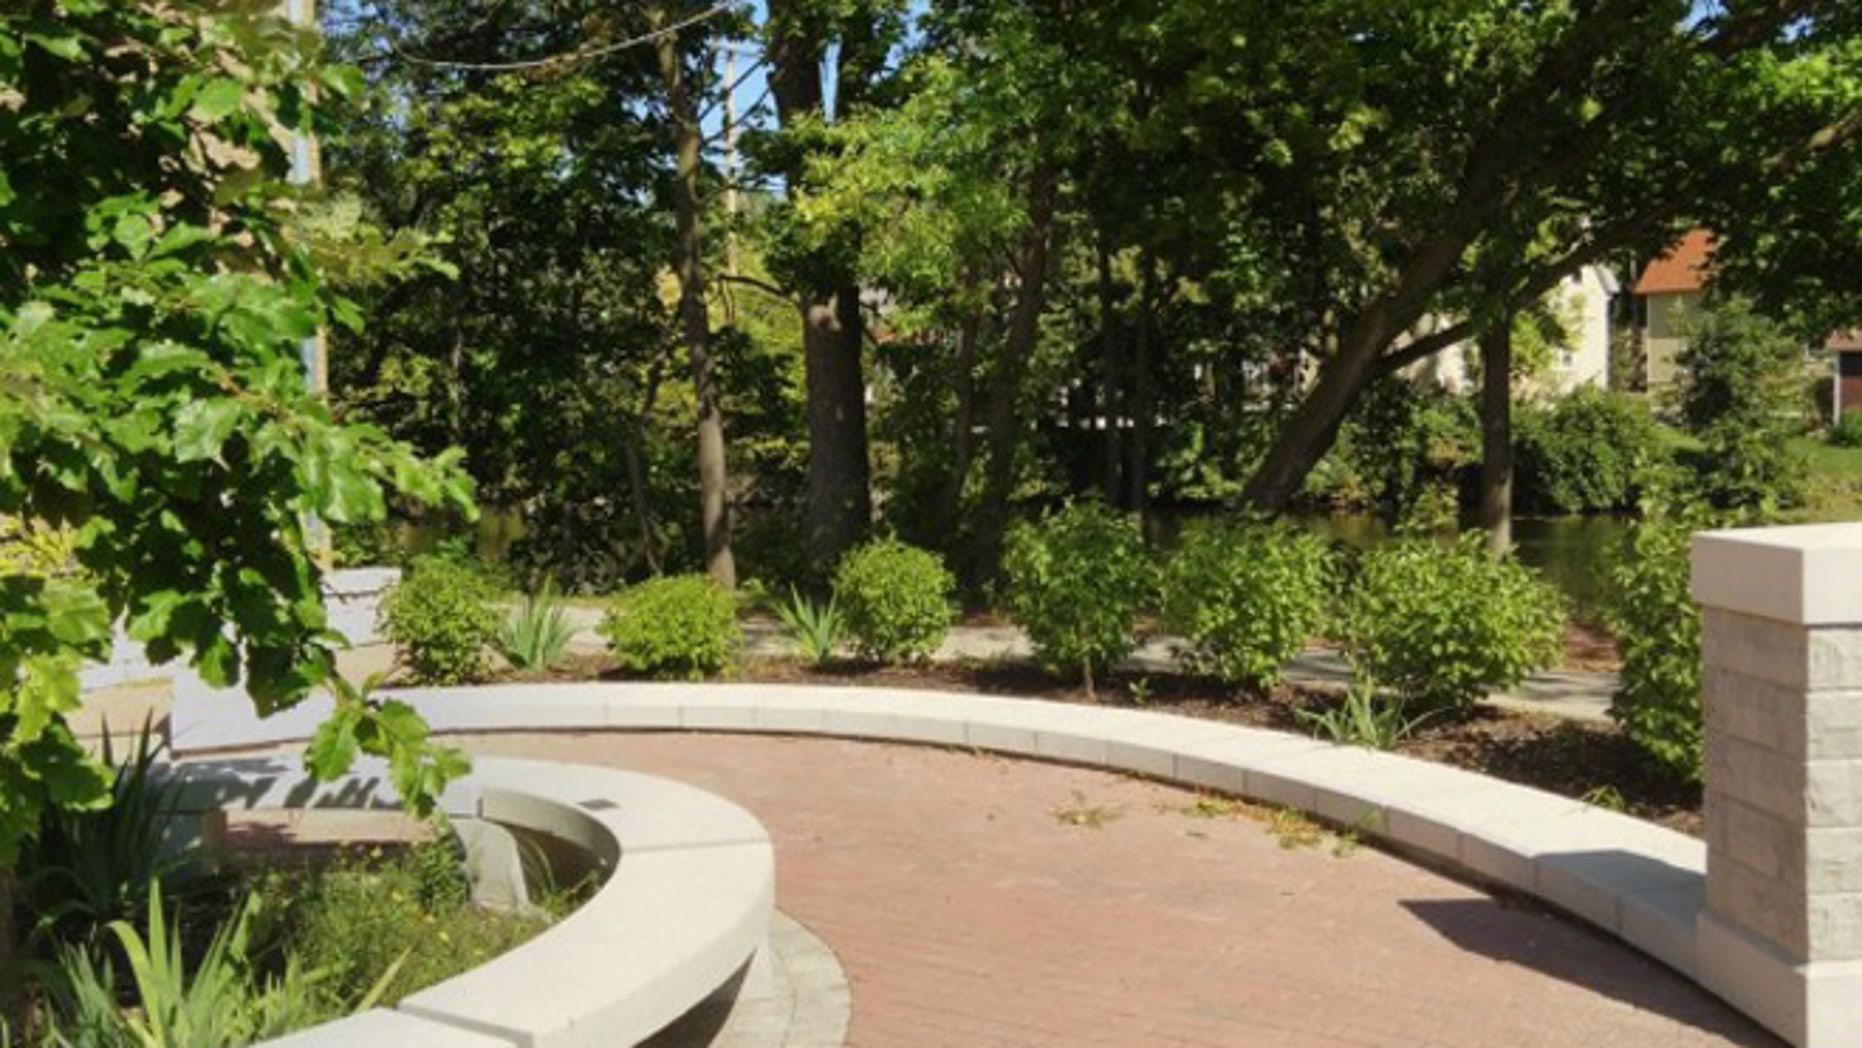 Pictures is Advent Lutheran Church's prayer garden. (Watchdog.org)